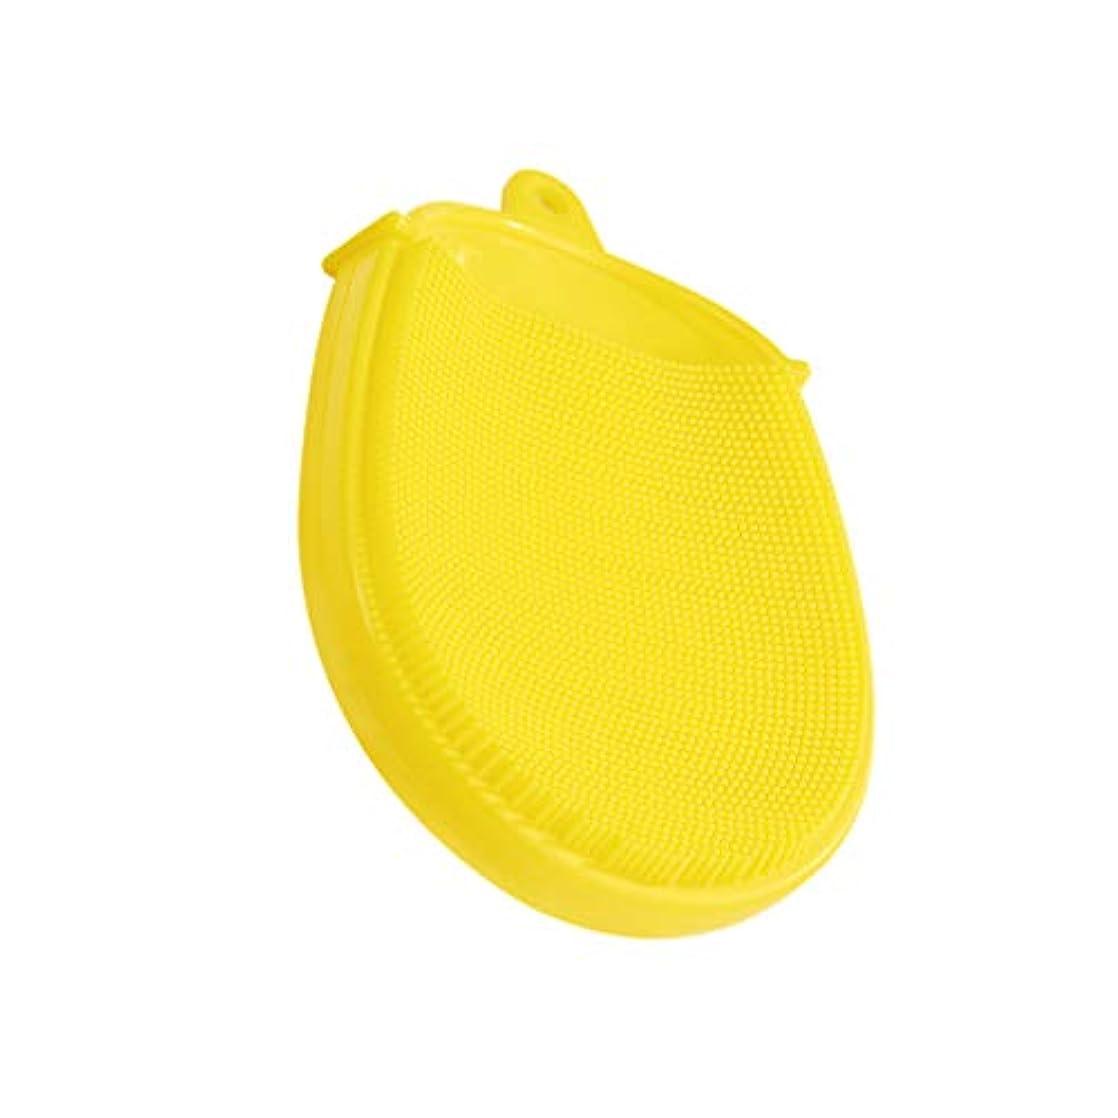 スピーチ説教アセンブリHeallily バスブラシシリコンボディブラシソフトマッサージバックブラシクレンジングスクラバーキッズバスアクセサリー(黄色)